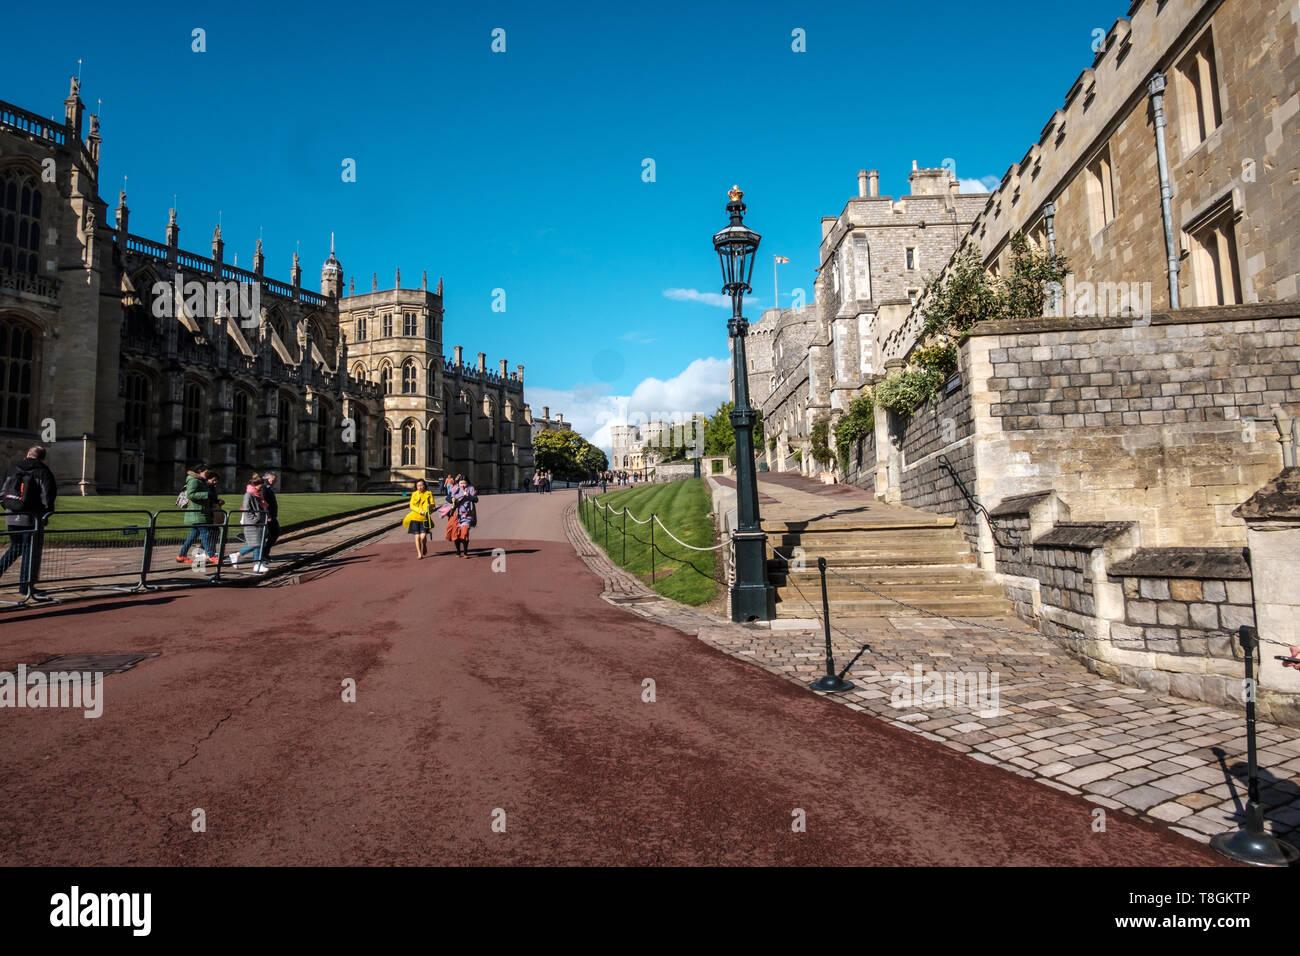 El Castillo de Windsor, Windsor, Berkshire, Inglaterra, Reino Unido, 4 de mayo de 2019. Un gran día para visitar o ir de vacaciones, justo antes del nacimiento real Foto de stock